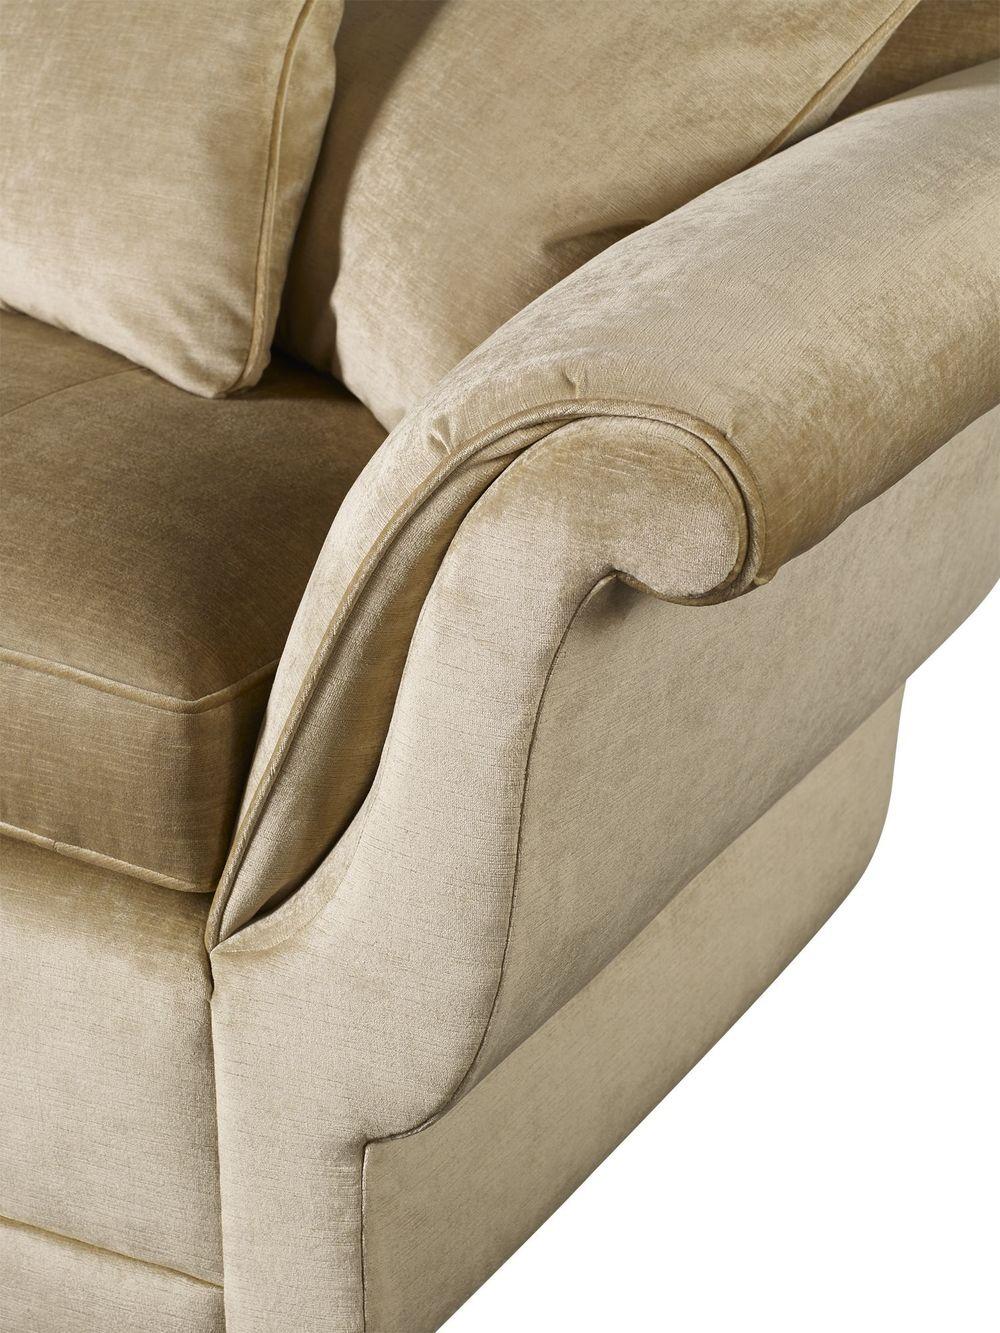 Baker Furniture - Sepal Sofa